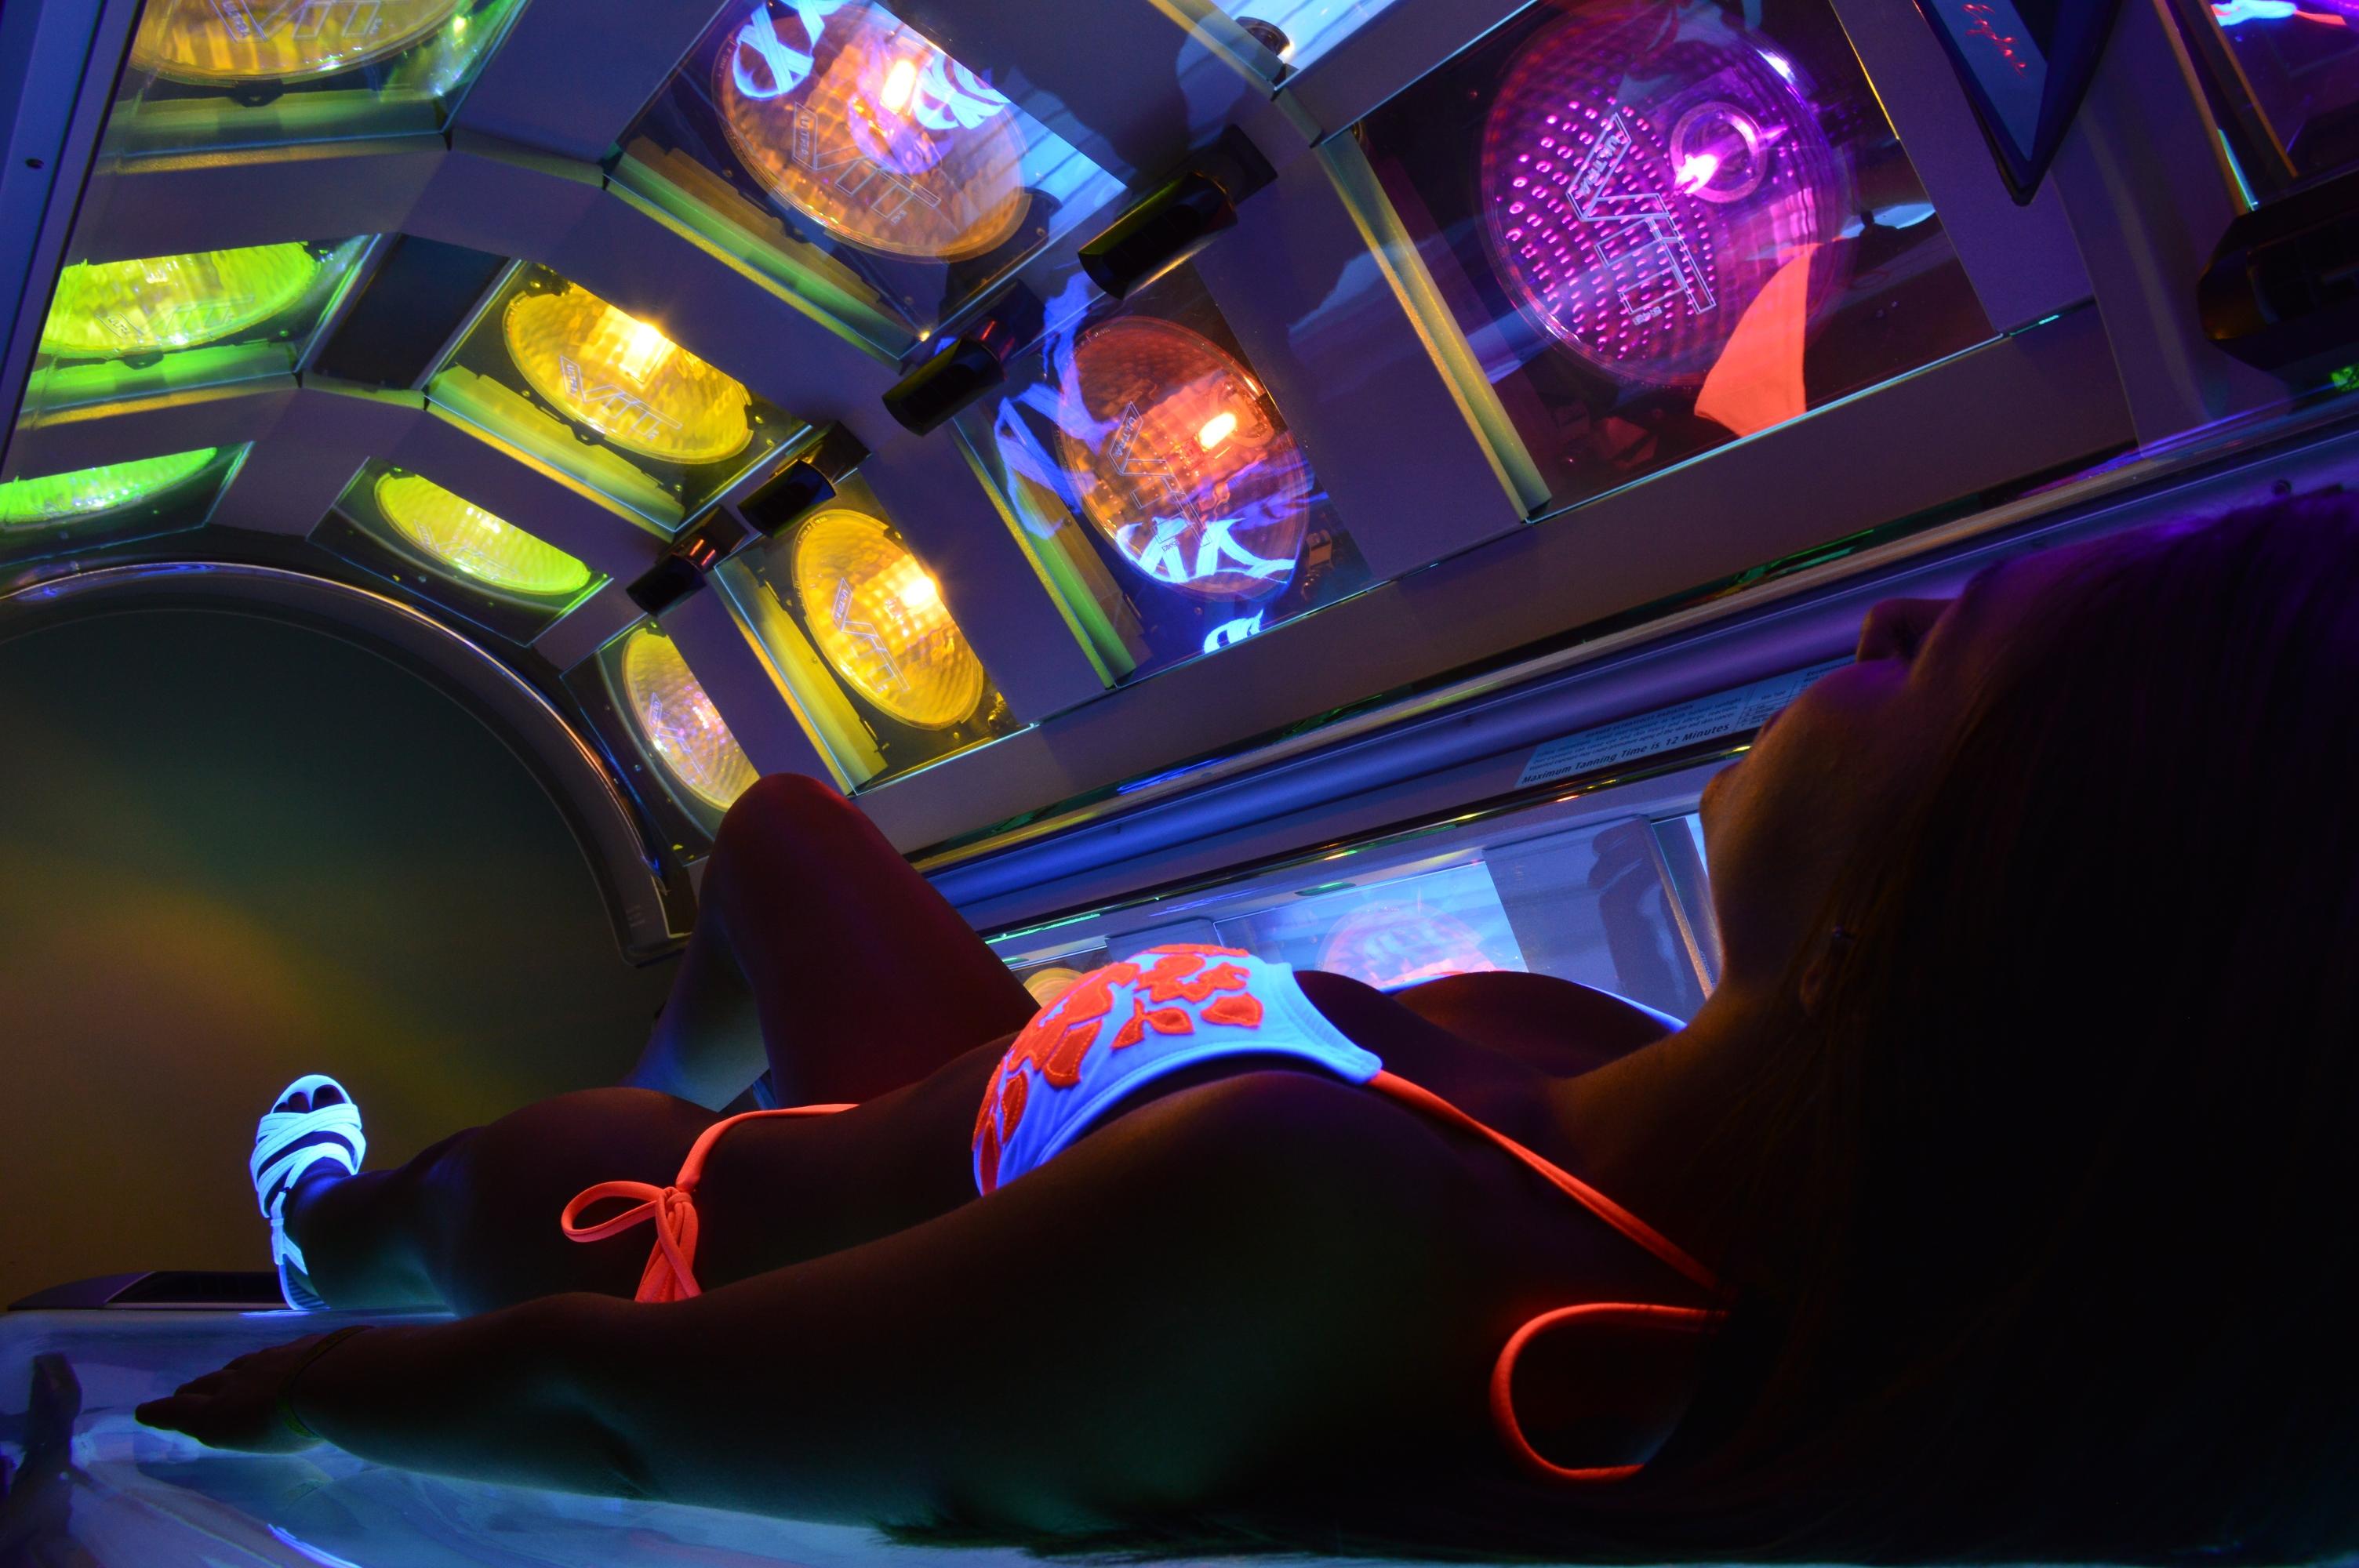 Electrik Image Spa image 11